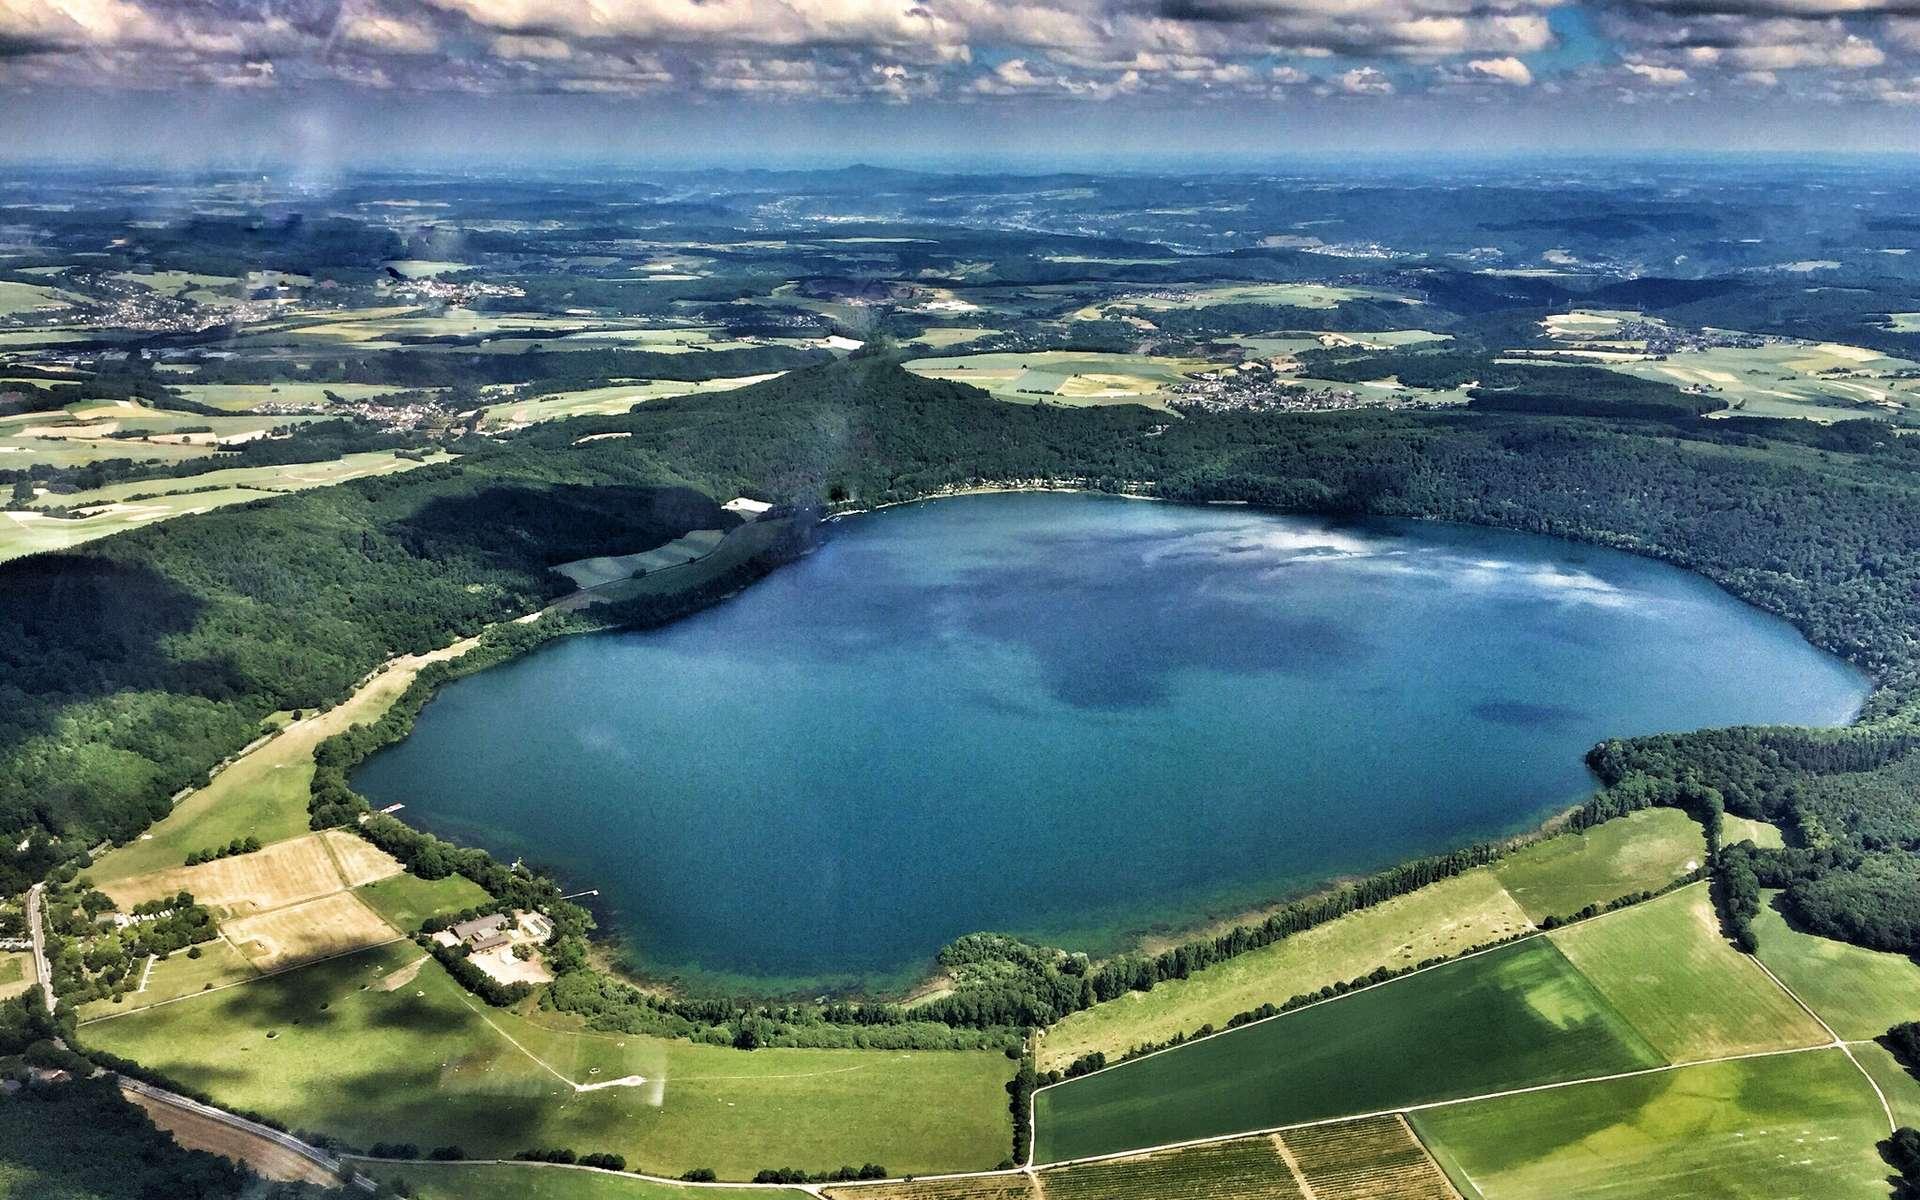 Le lac de Laach, un maar issu d'une ancienne éruption volcanique. © Stefan Kleinheyer, Flickr